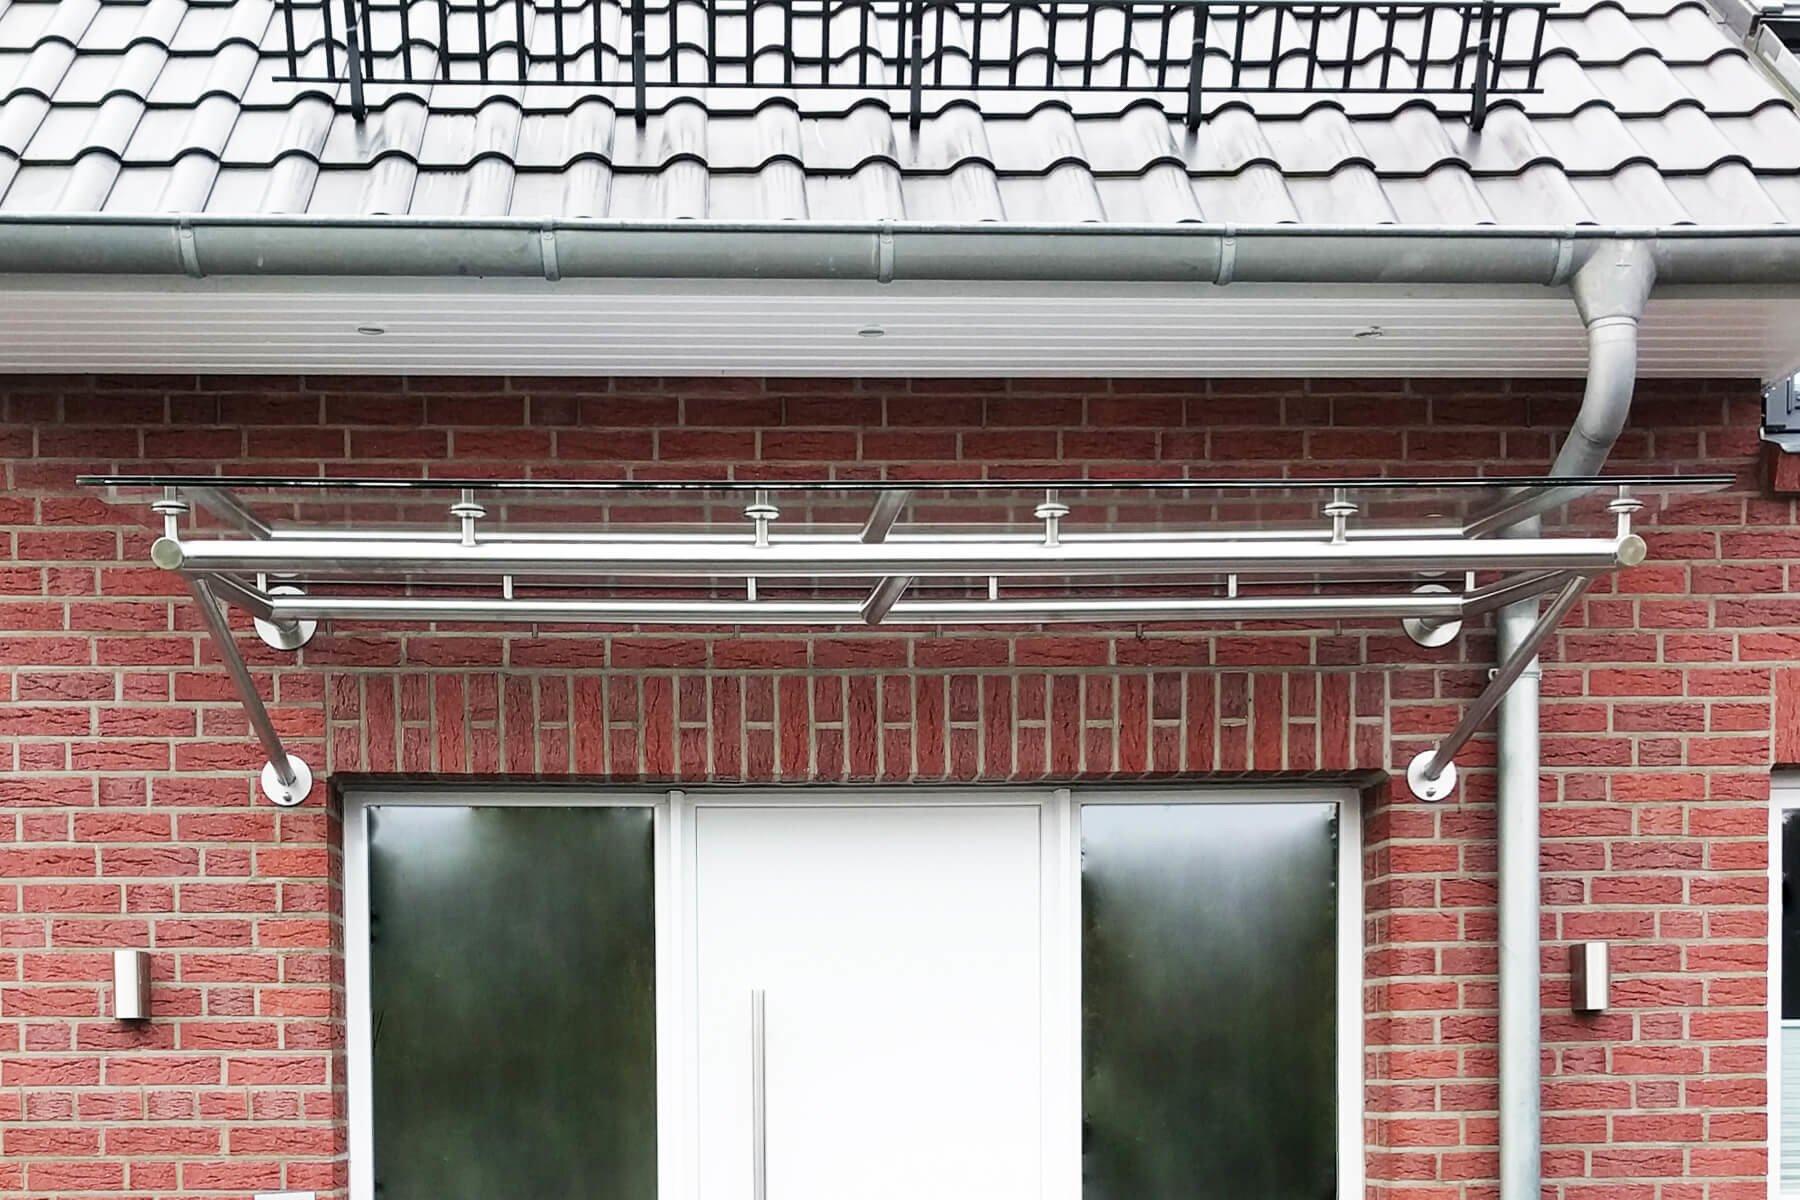 Rohrrahmen Glas Vordach an Klinker Fassade